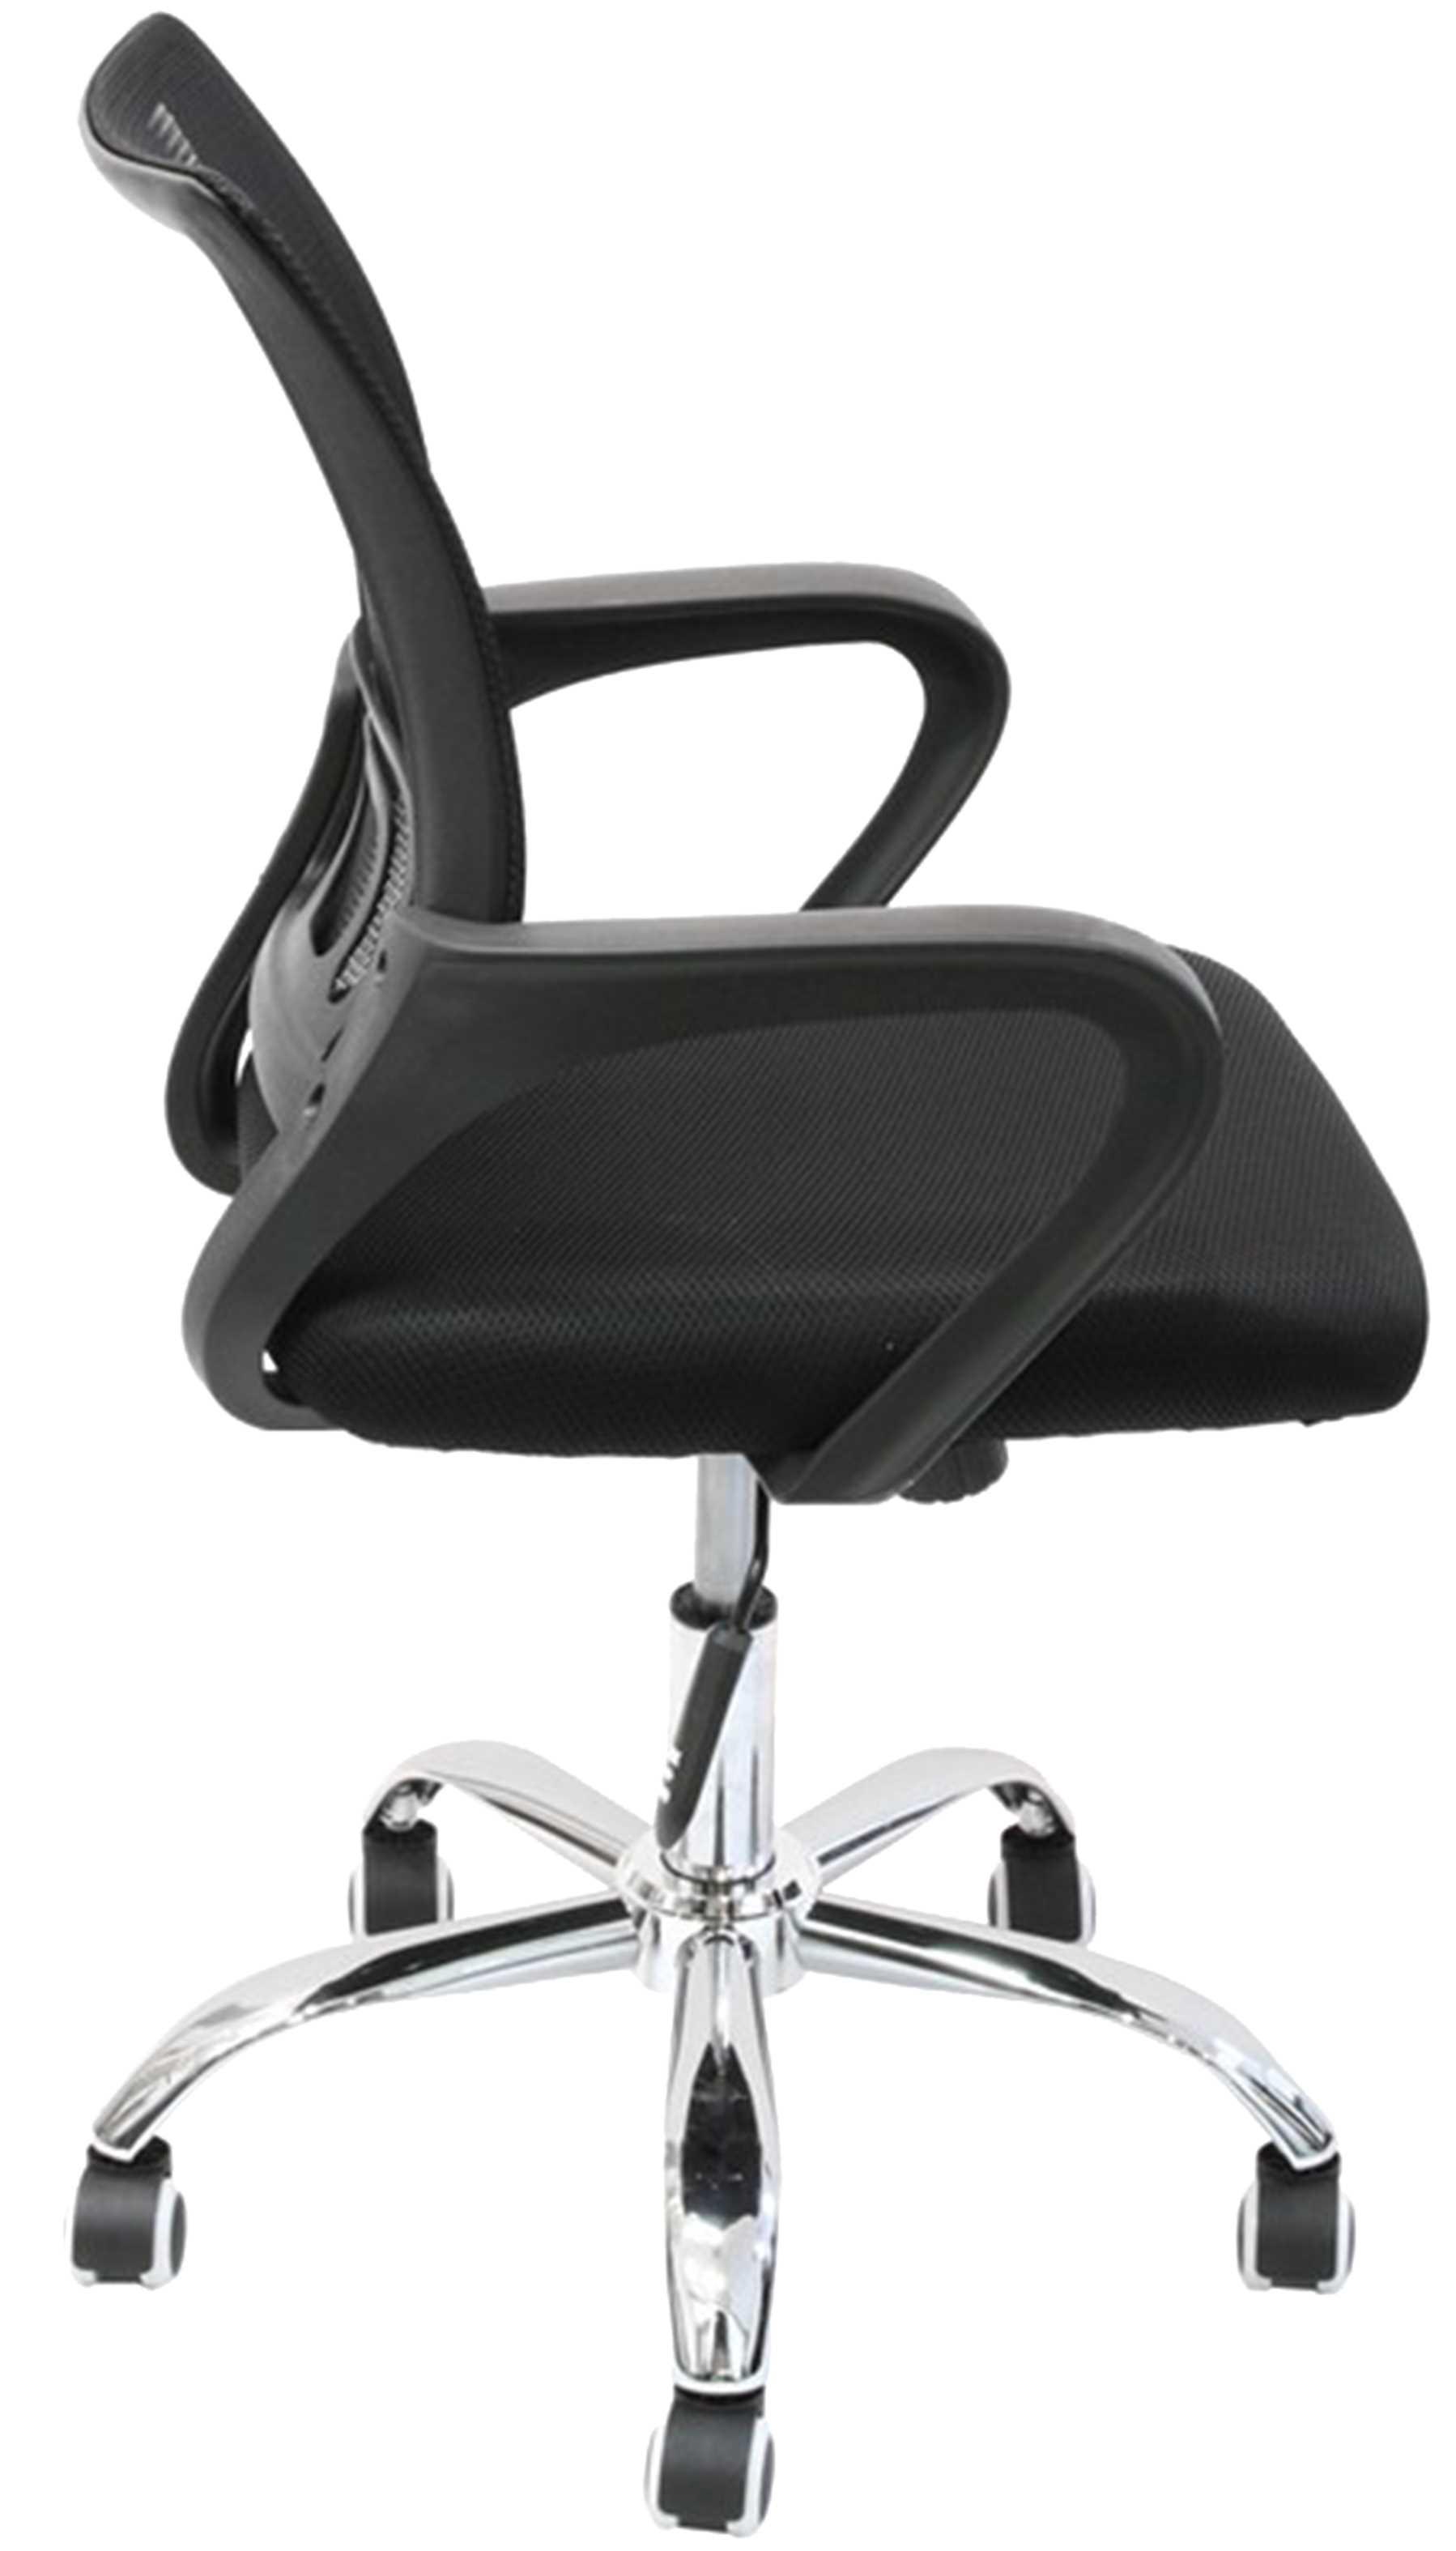 כסא ארגונומי משרדי דגם LOUIS לואיס - תמונה 2